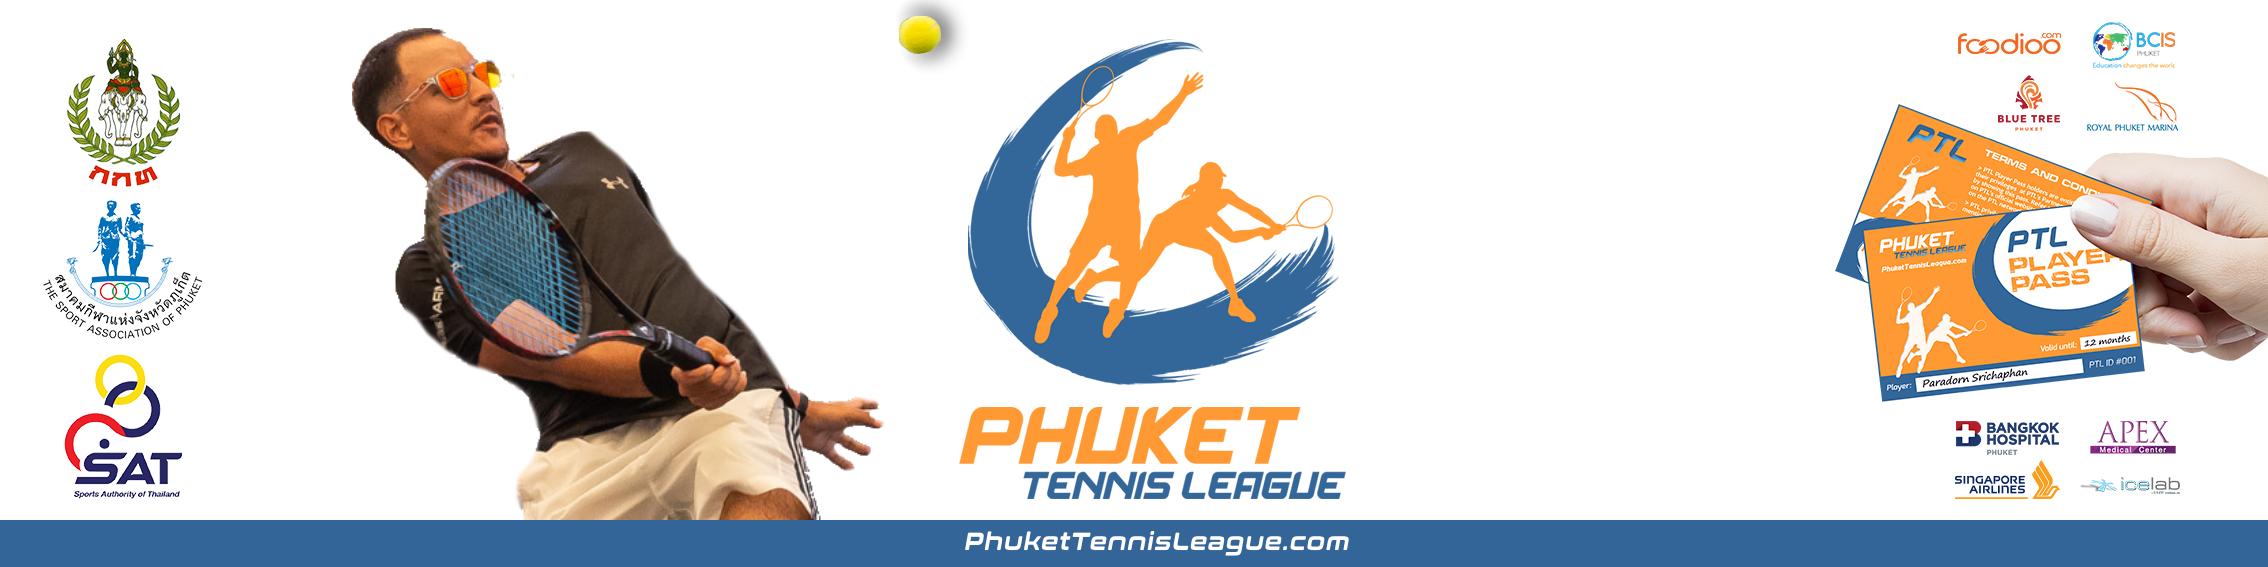 PTL Banner Phuket Tennis League